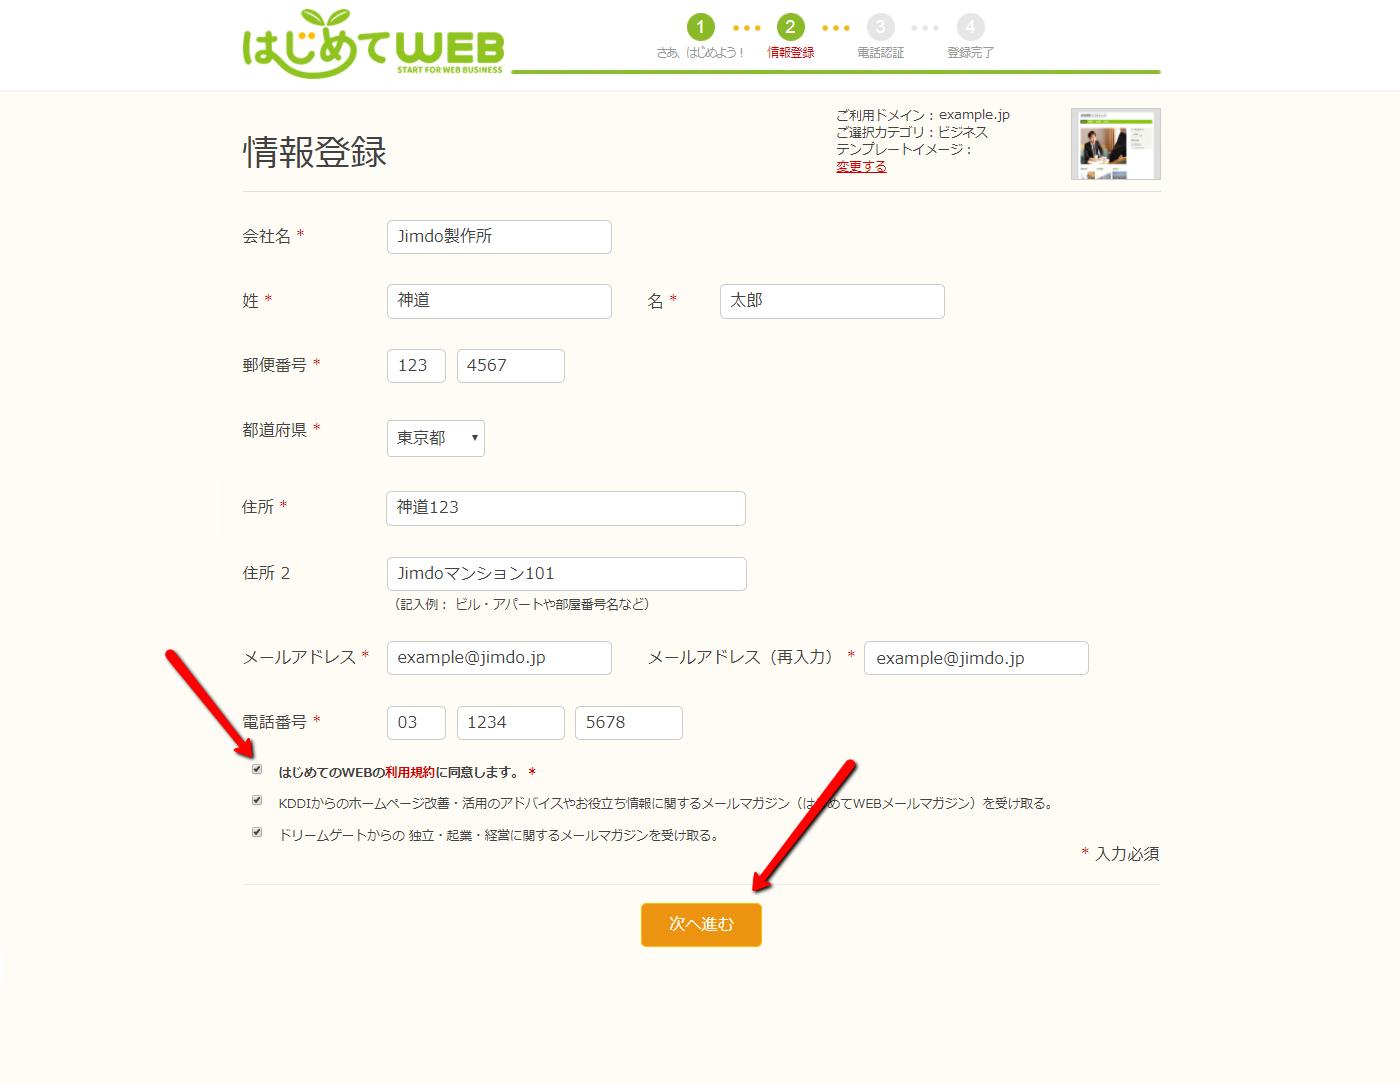 4.登録情報を入力して、「次へ進む」をクリック